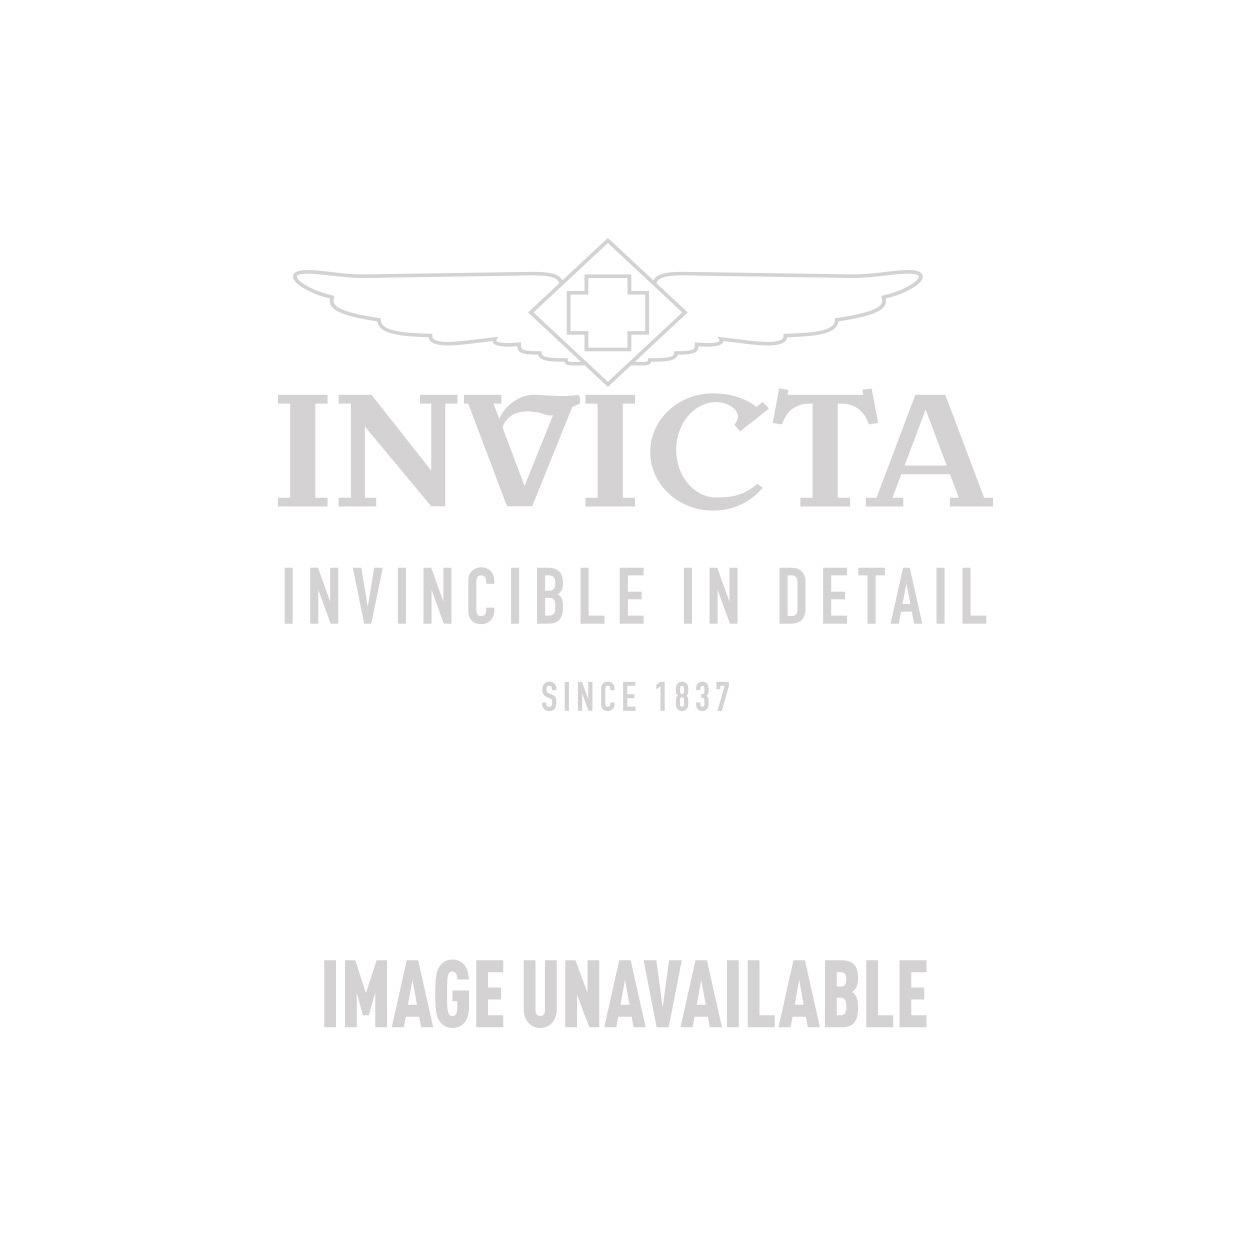 Invicta Model 27368